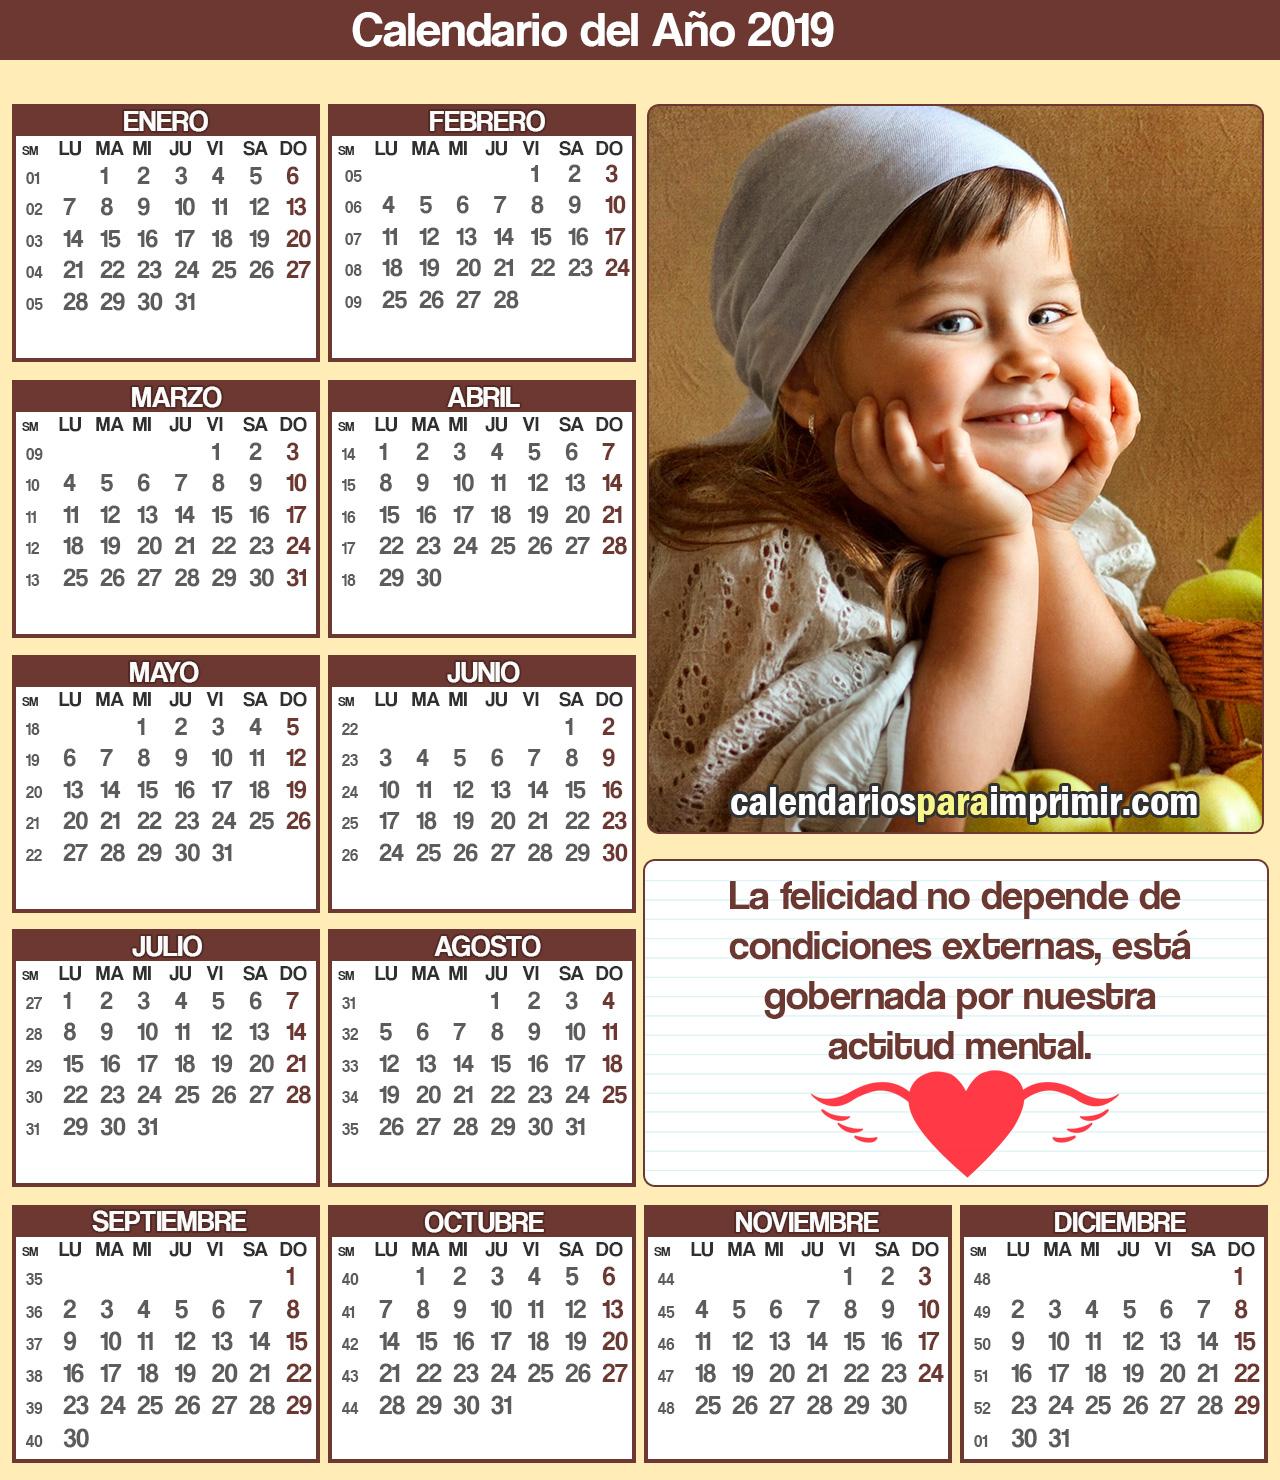 calendarios para imprimir 2019 frases de felicidad